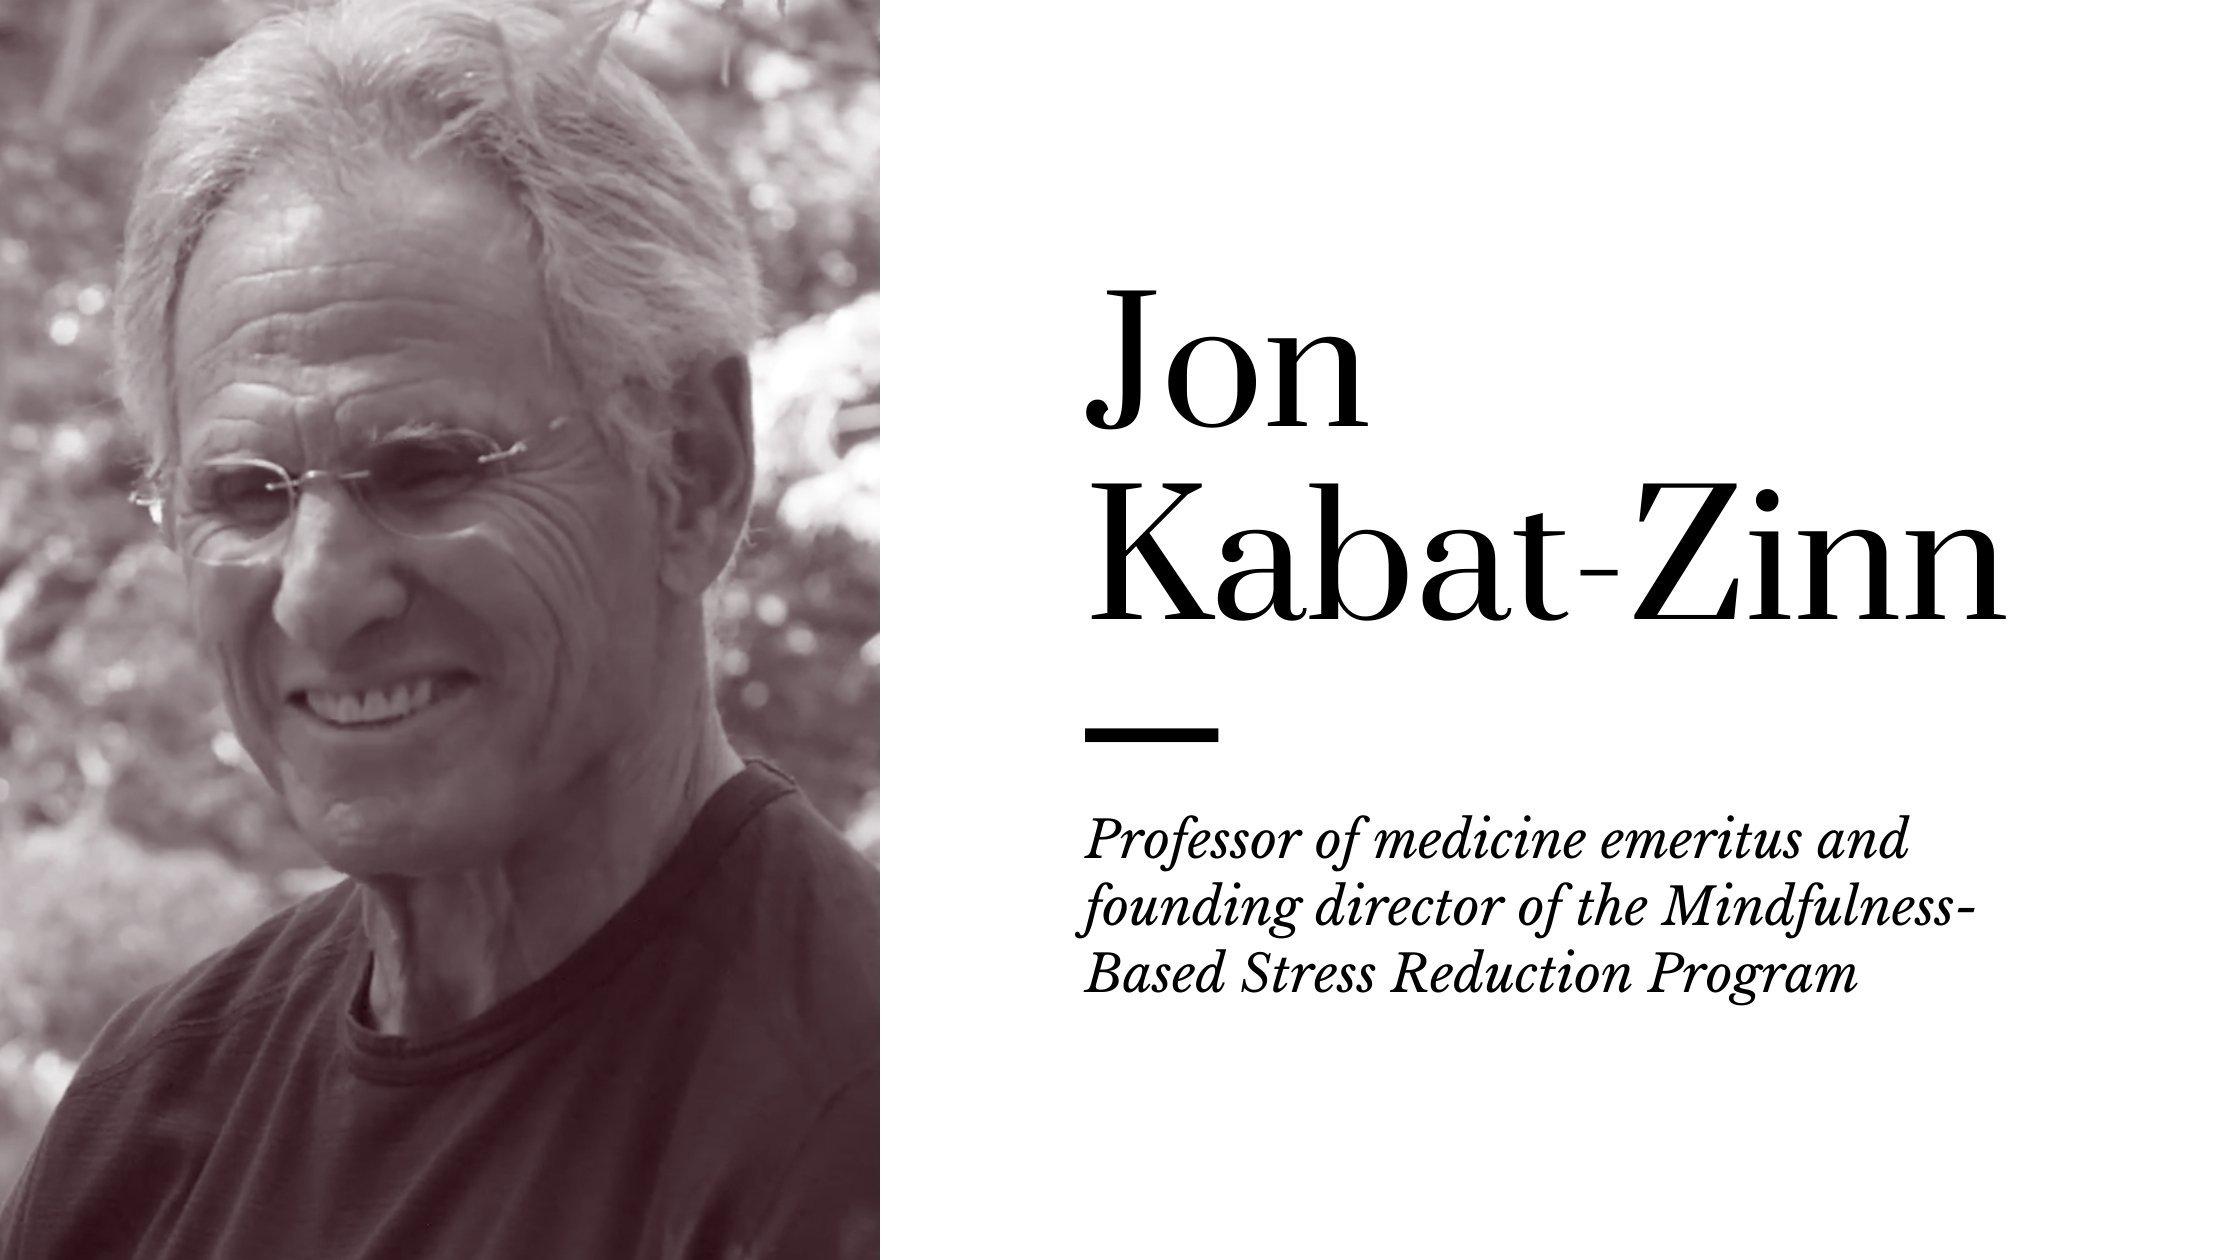 Best Books Written By Jon Kabat-Zinn